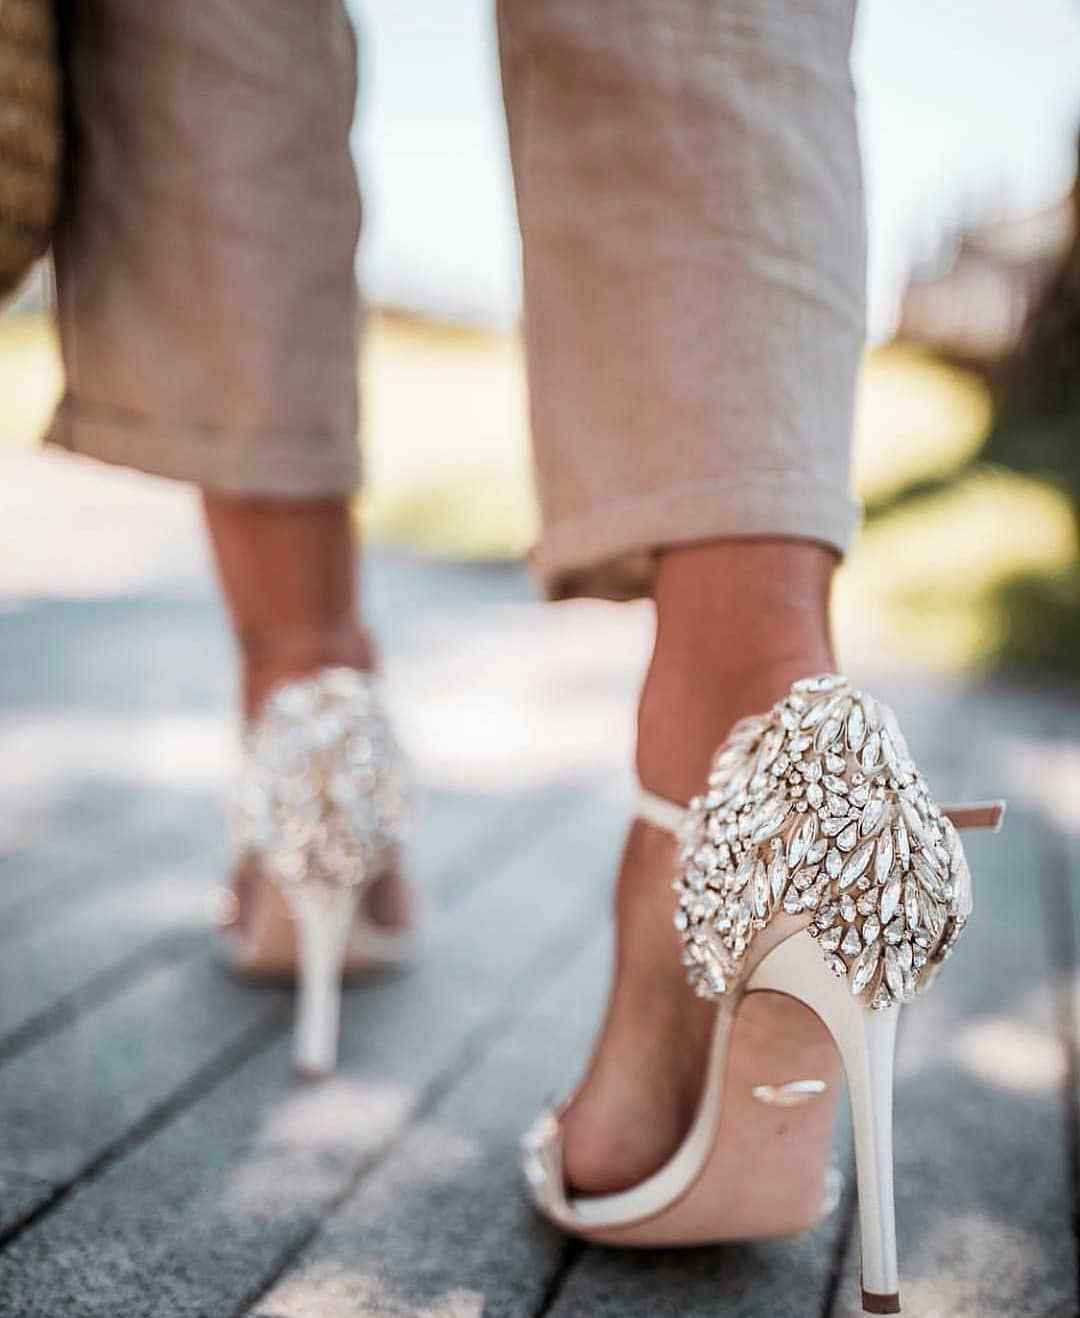 модные туфли 2019 фото_46